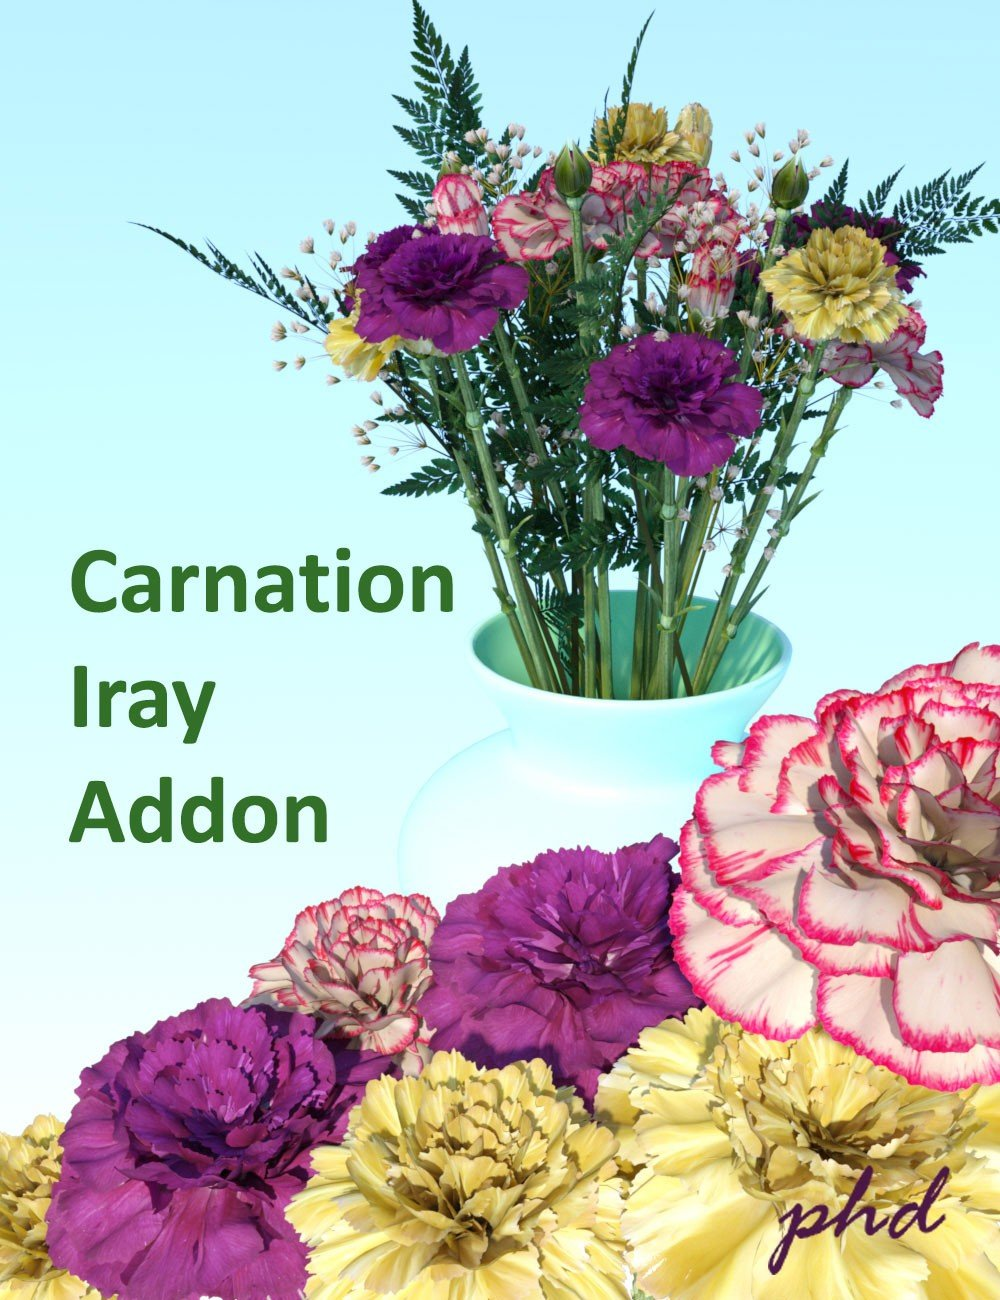 Carnation Iray Addon